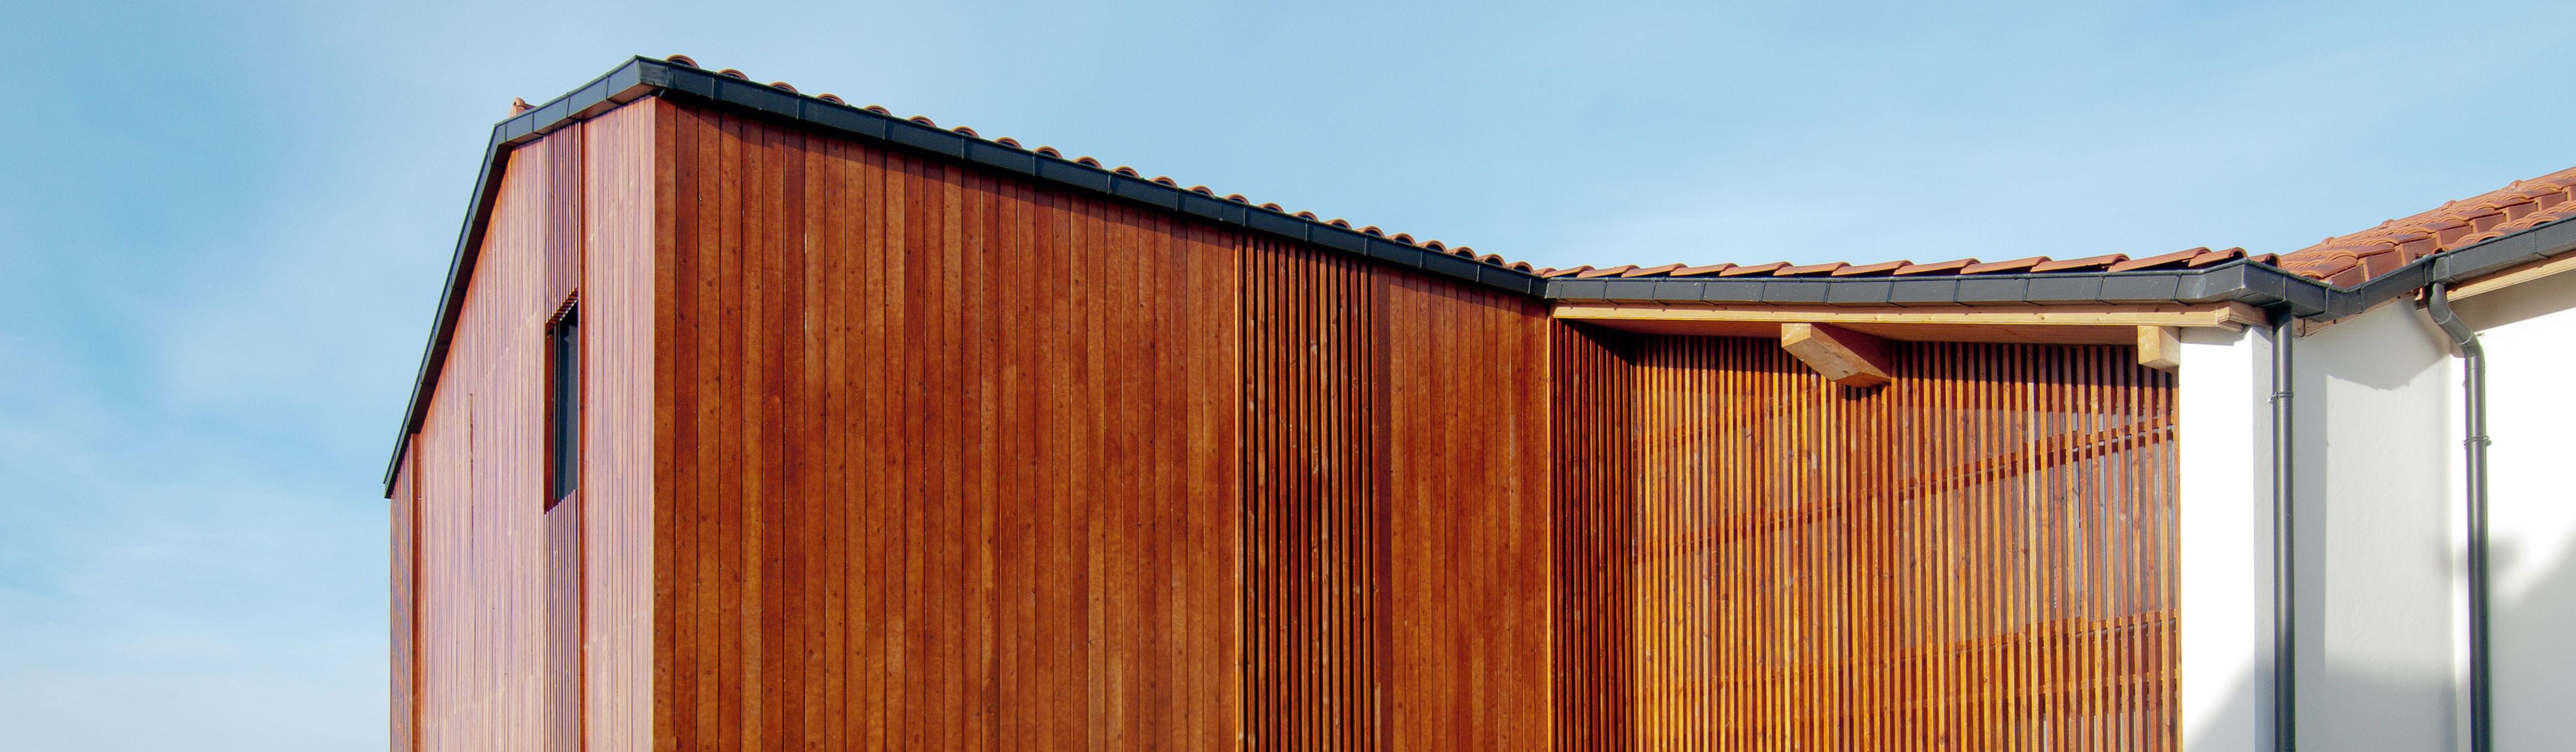 Vivienda en vega de selorio de rubio bilbao arquitectos - Arquitectos en bilbao ...